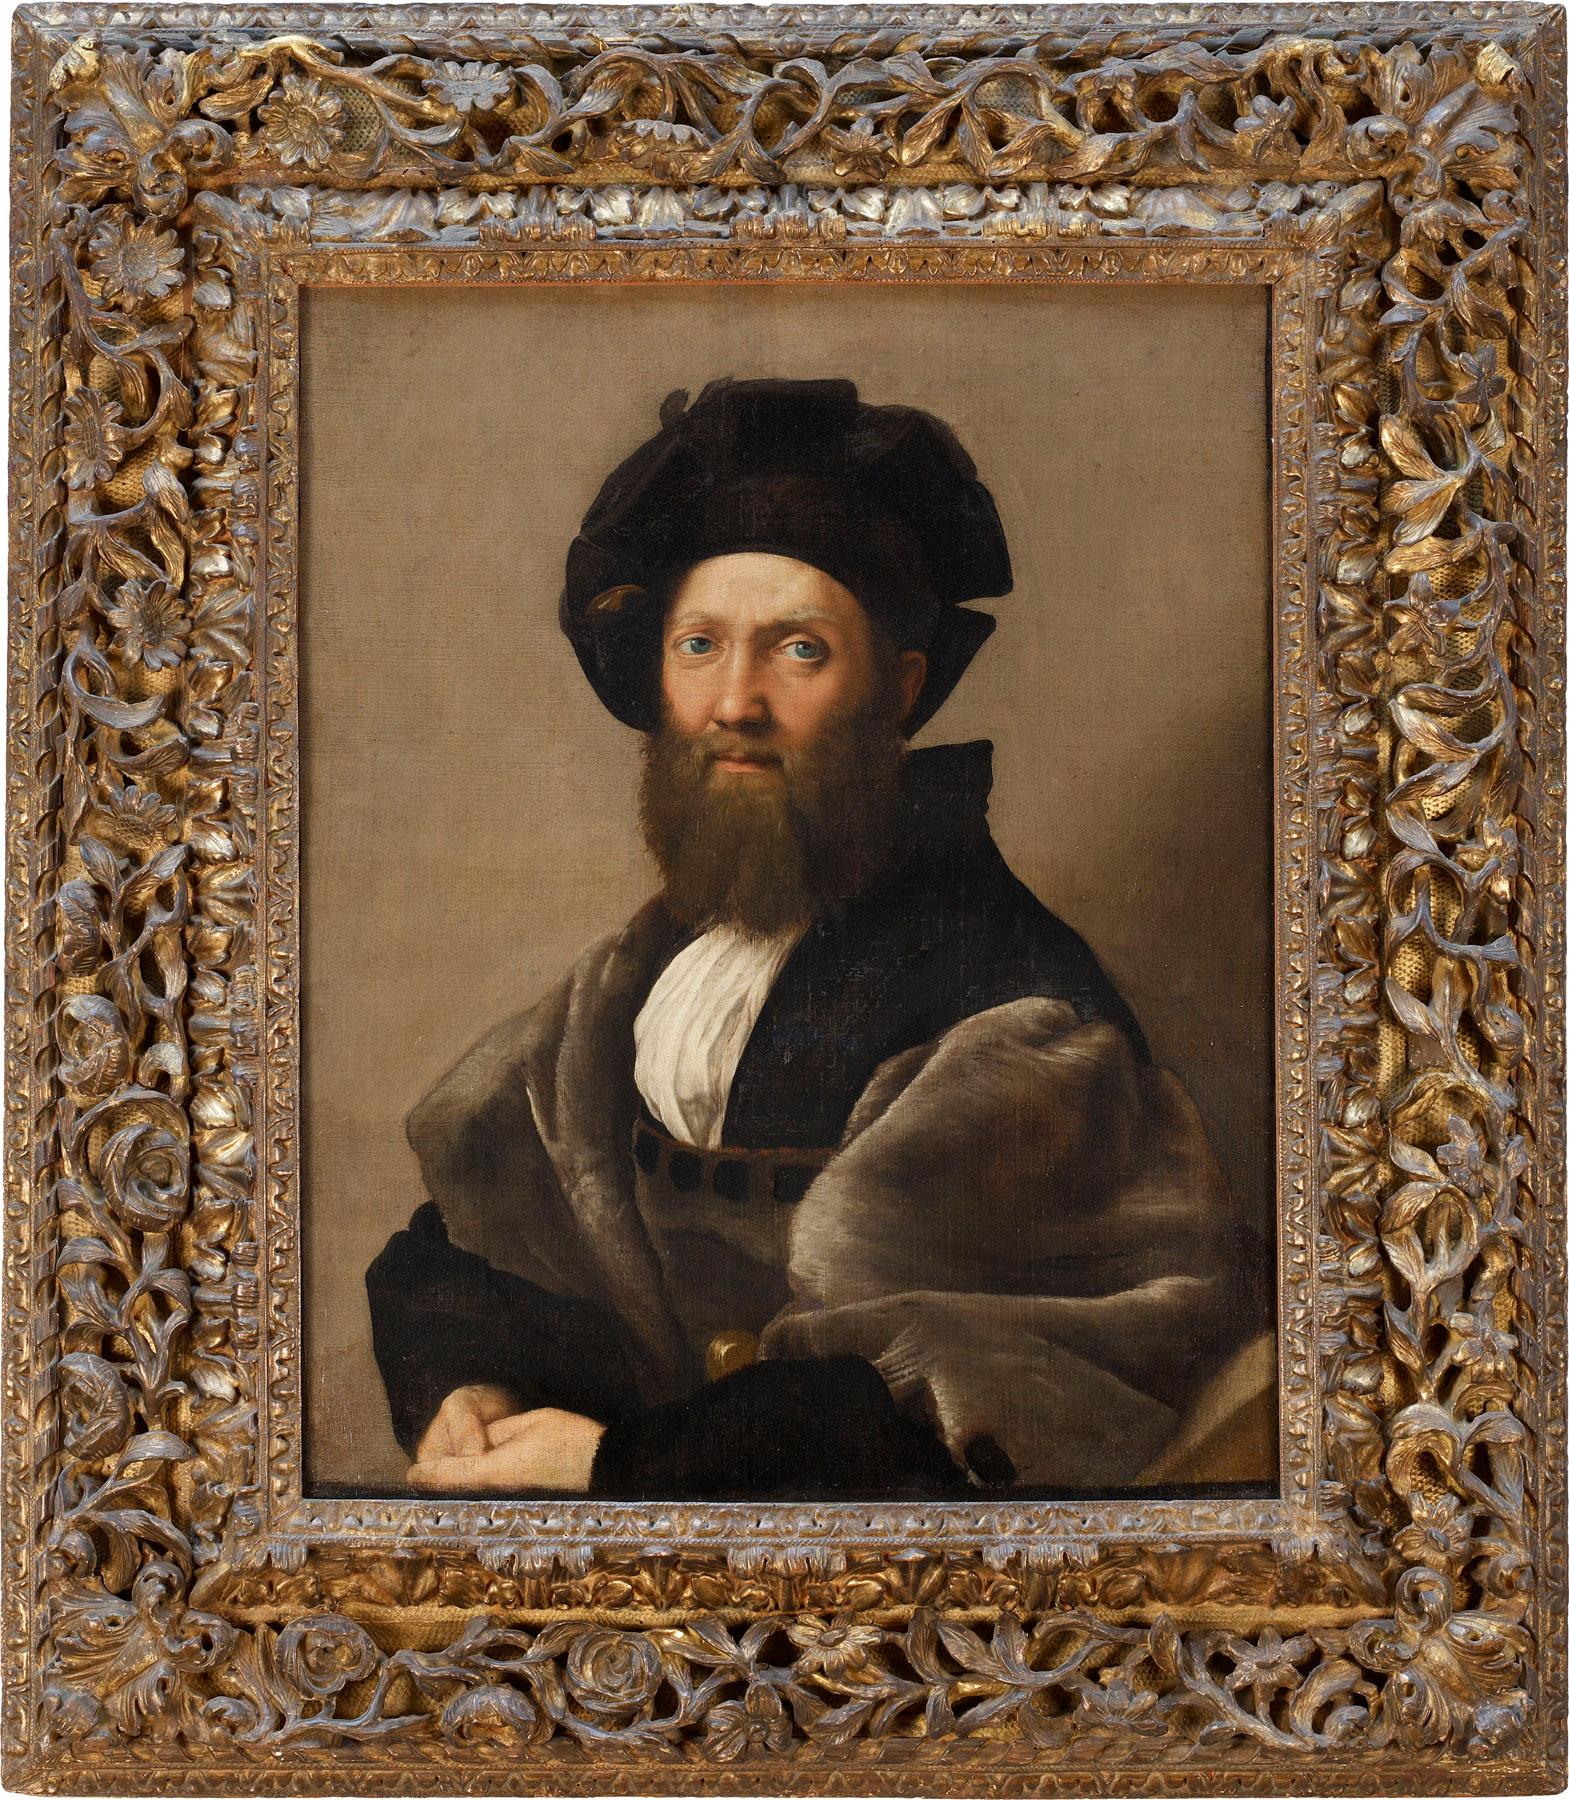 Raffaello, Ritratto di Baldassare Castiglione (1513; olio su tela; Parigi, Musée du Louvre, Département des Peintures). © Musée du Louvre, Dist. RMN – Grand Palais / Angèle Dequier